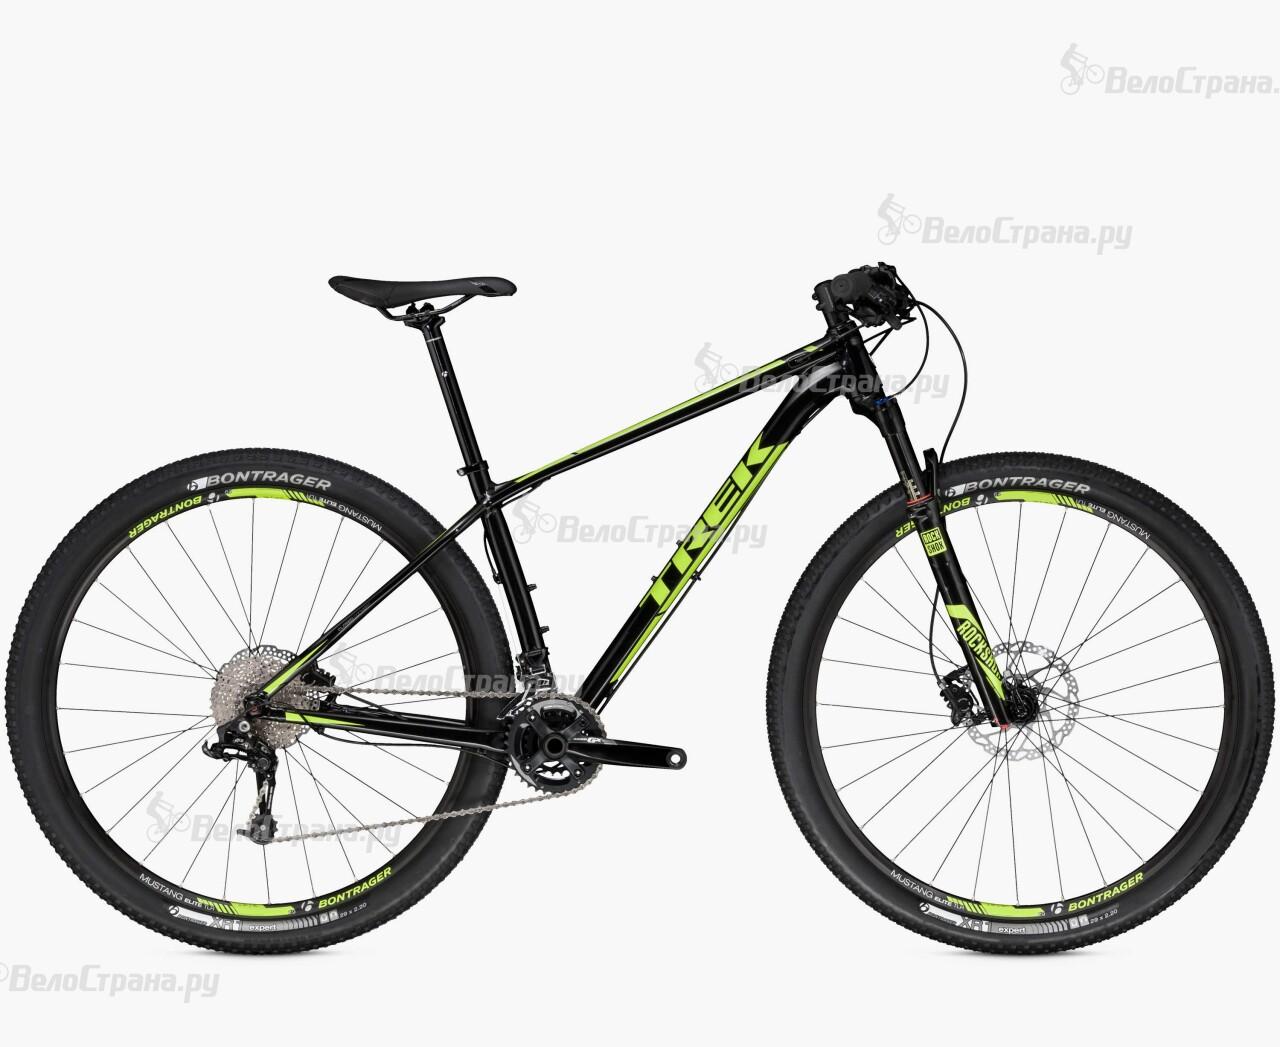 Велосипед Trek Superfly 6 29 (2016) велосипед trek superfly 8 29 2015